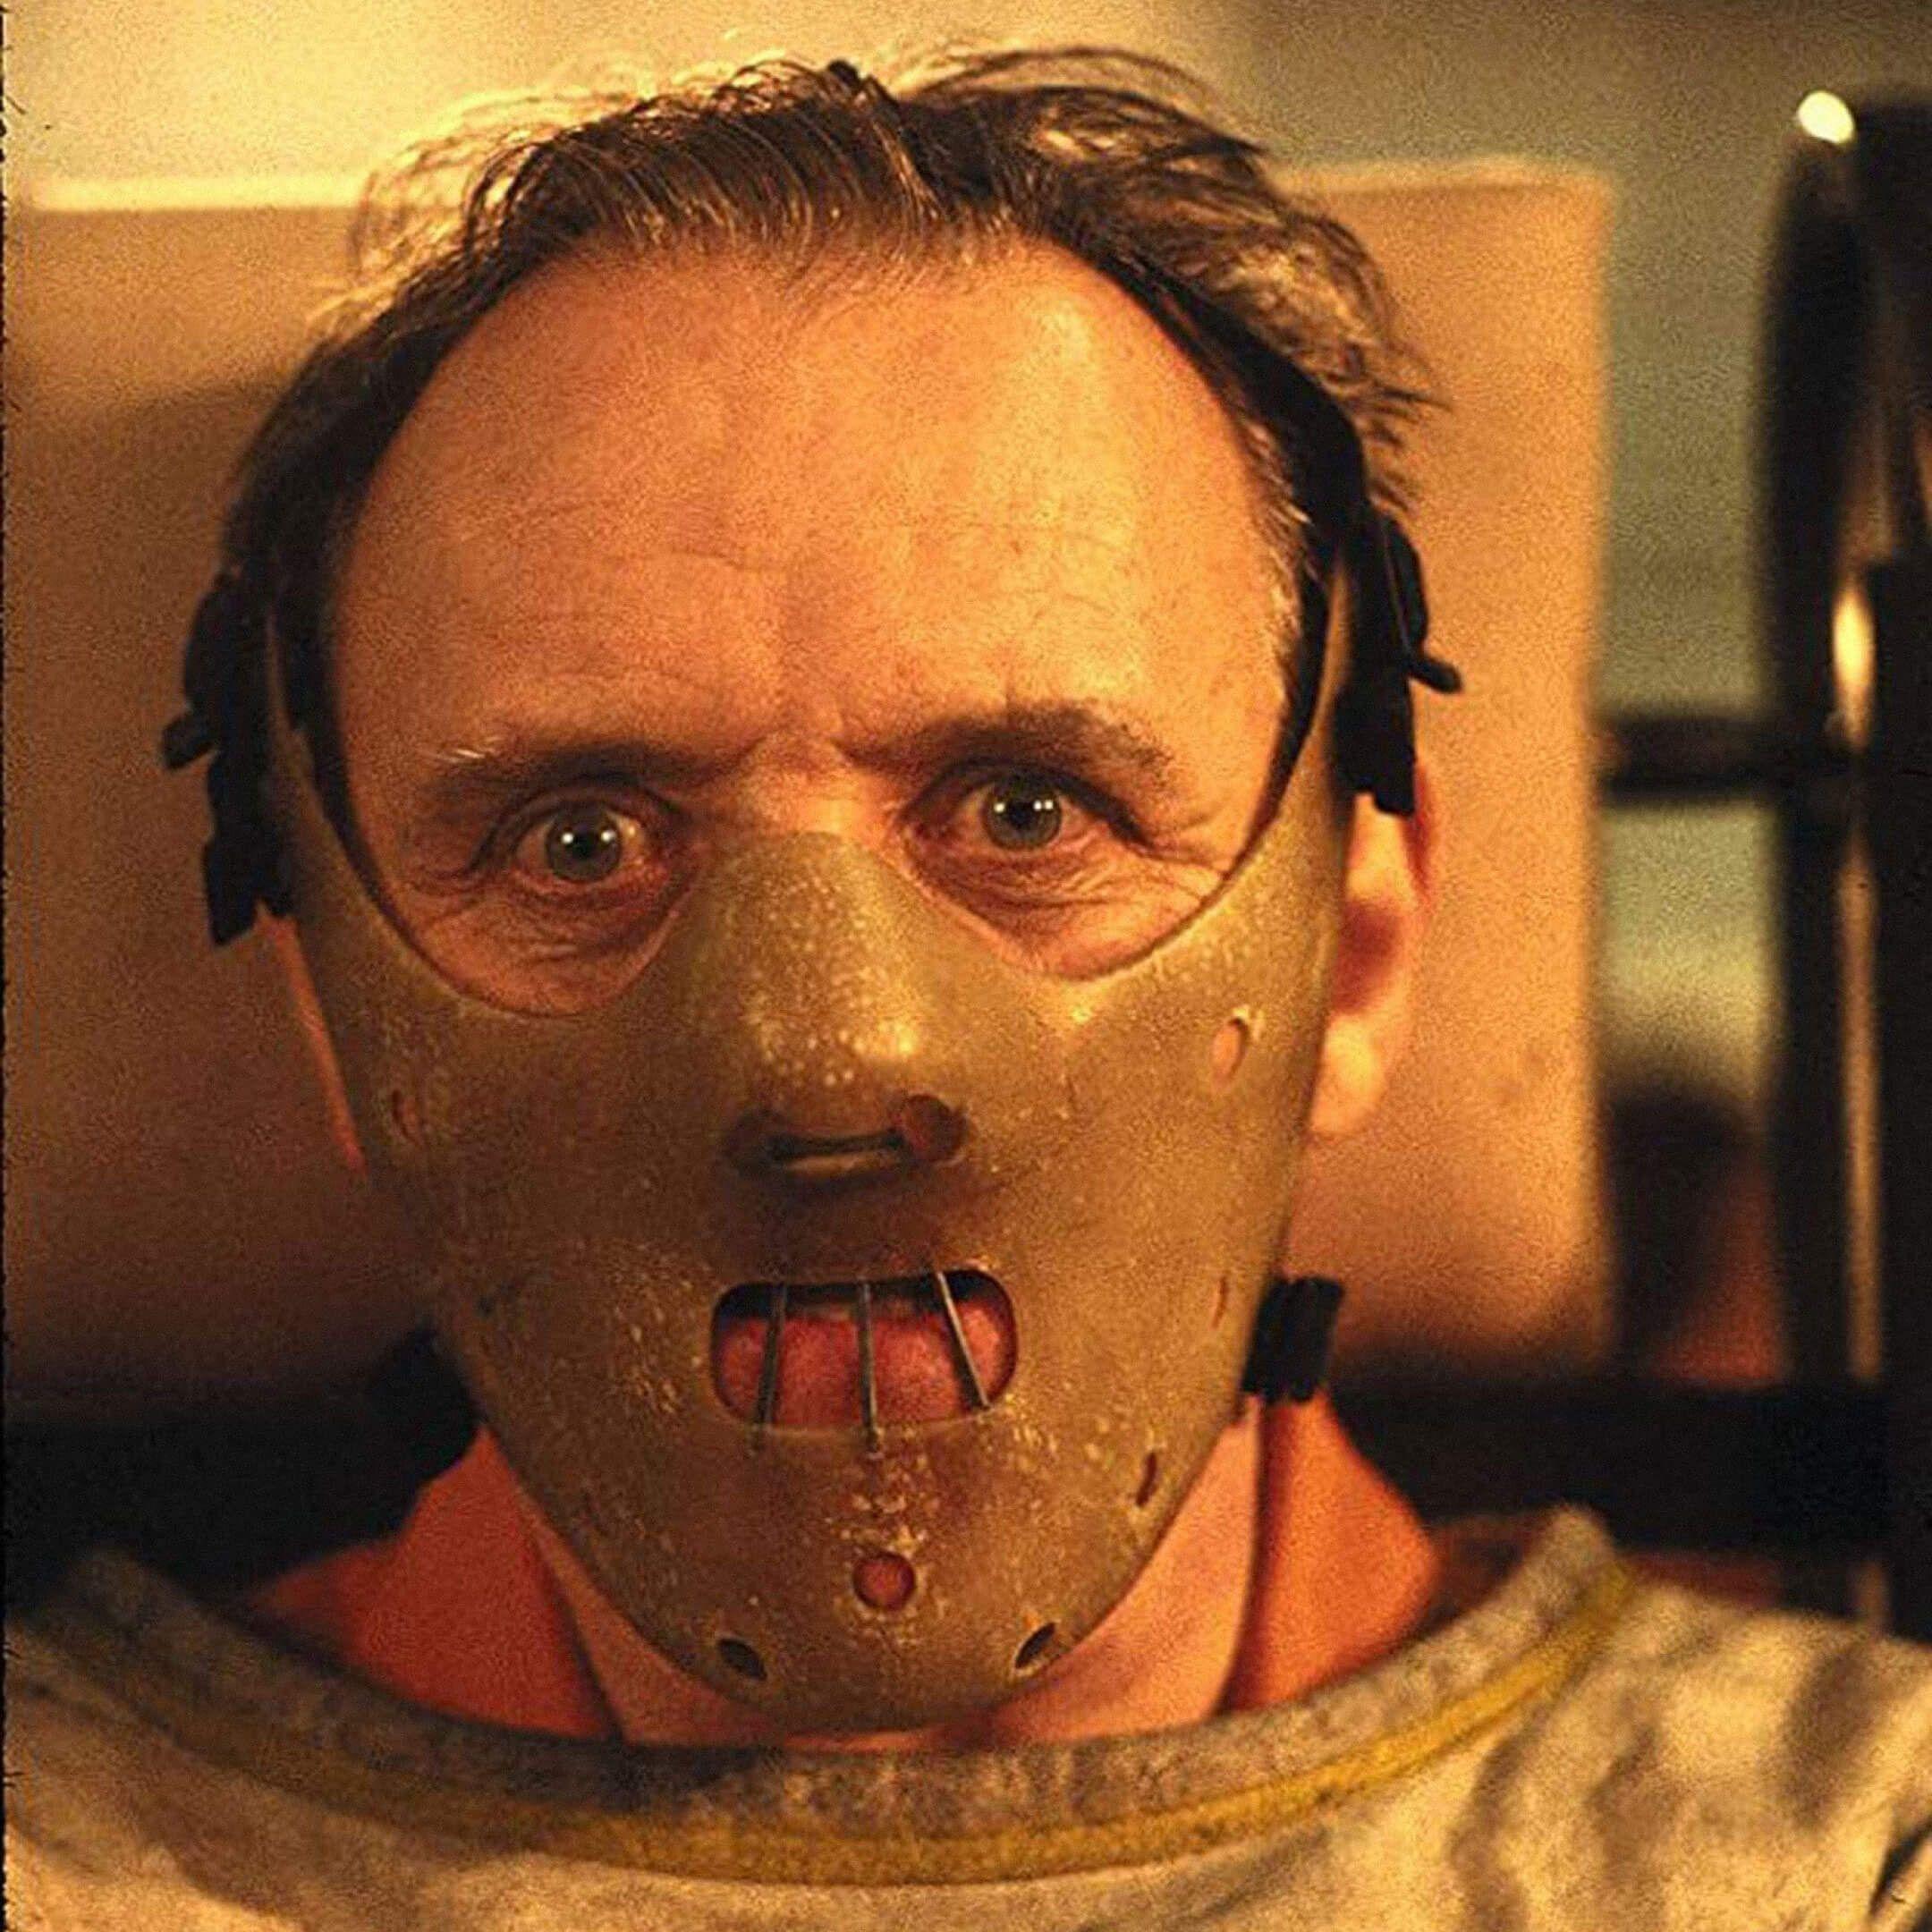 Энтони Хопкинс вфильме «Молчание ягнят». Режиссер Джонатан Демми, 1991год. Источник: imdb.com